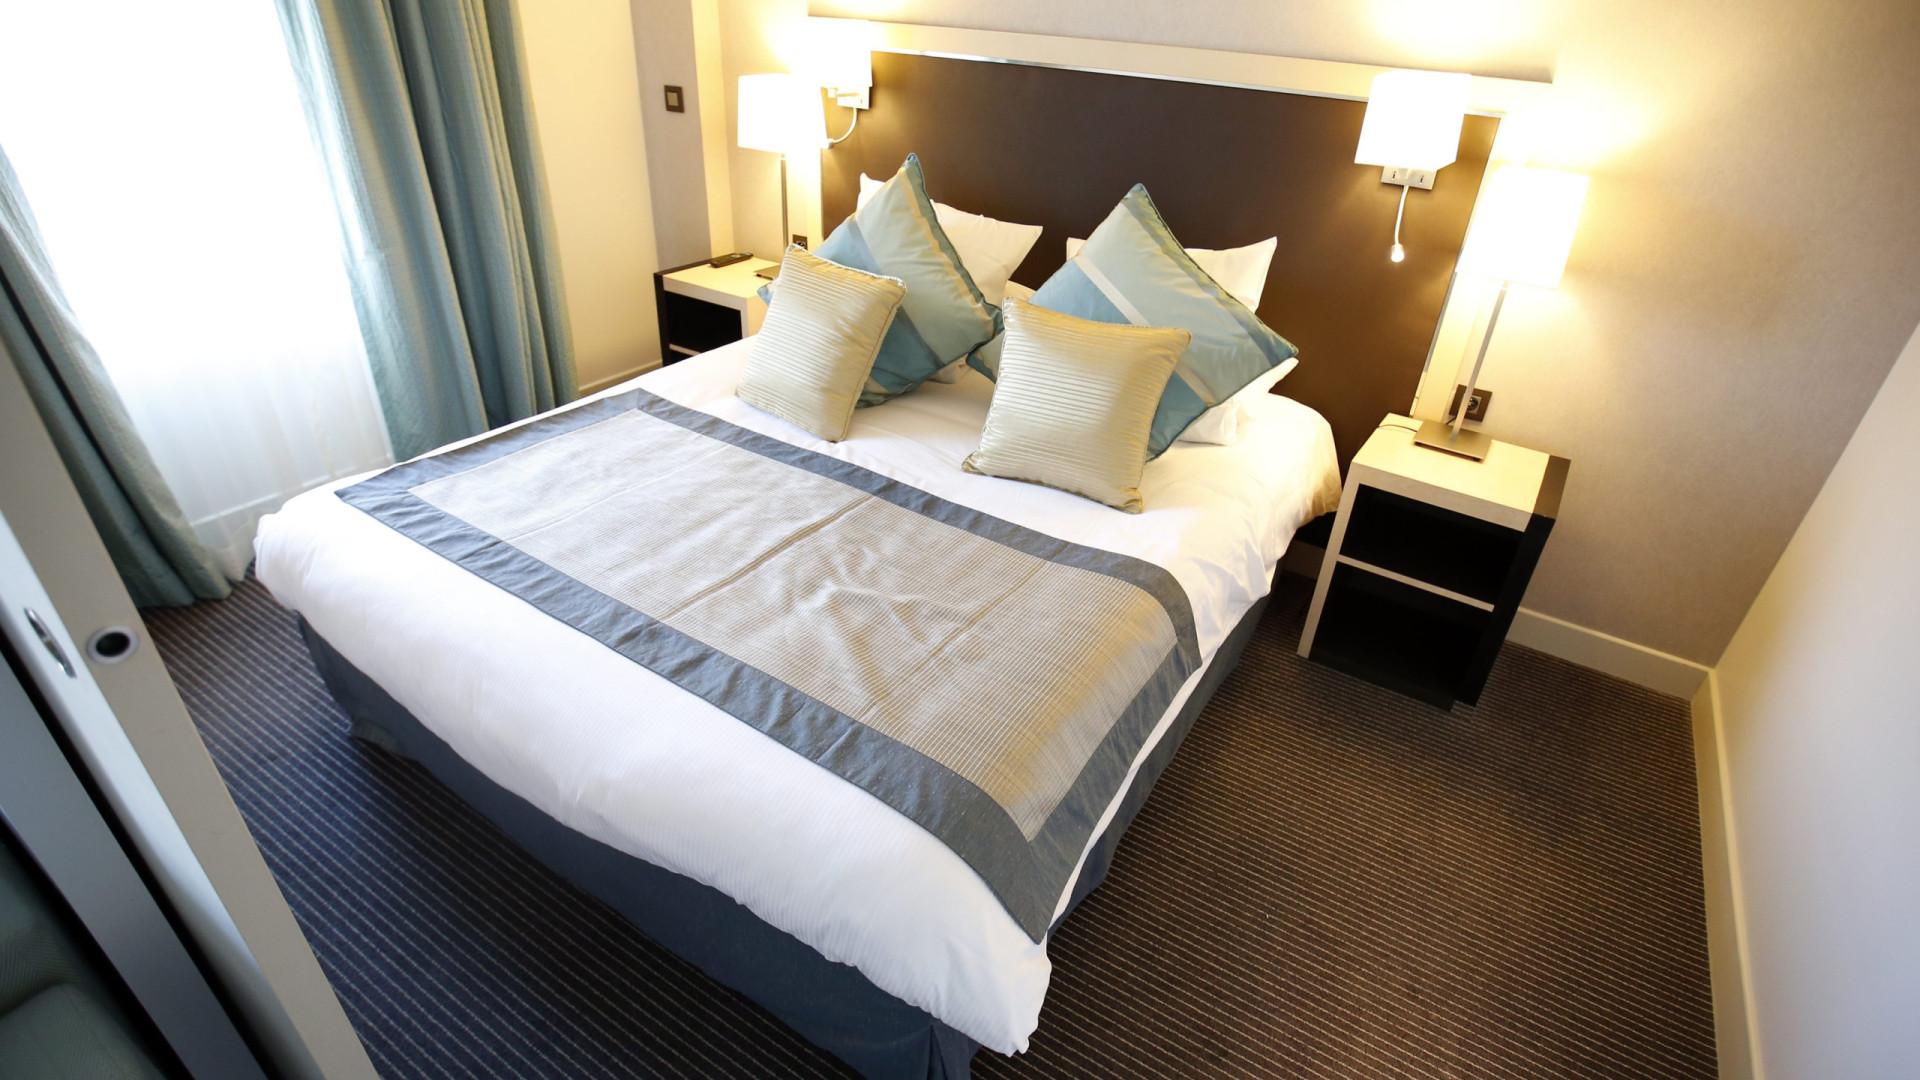 Taxa de ocupação dos hotéis até abril desce para 59%